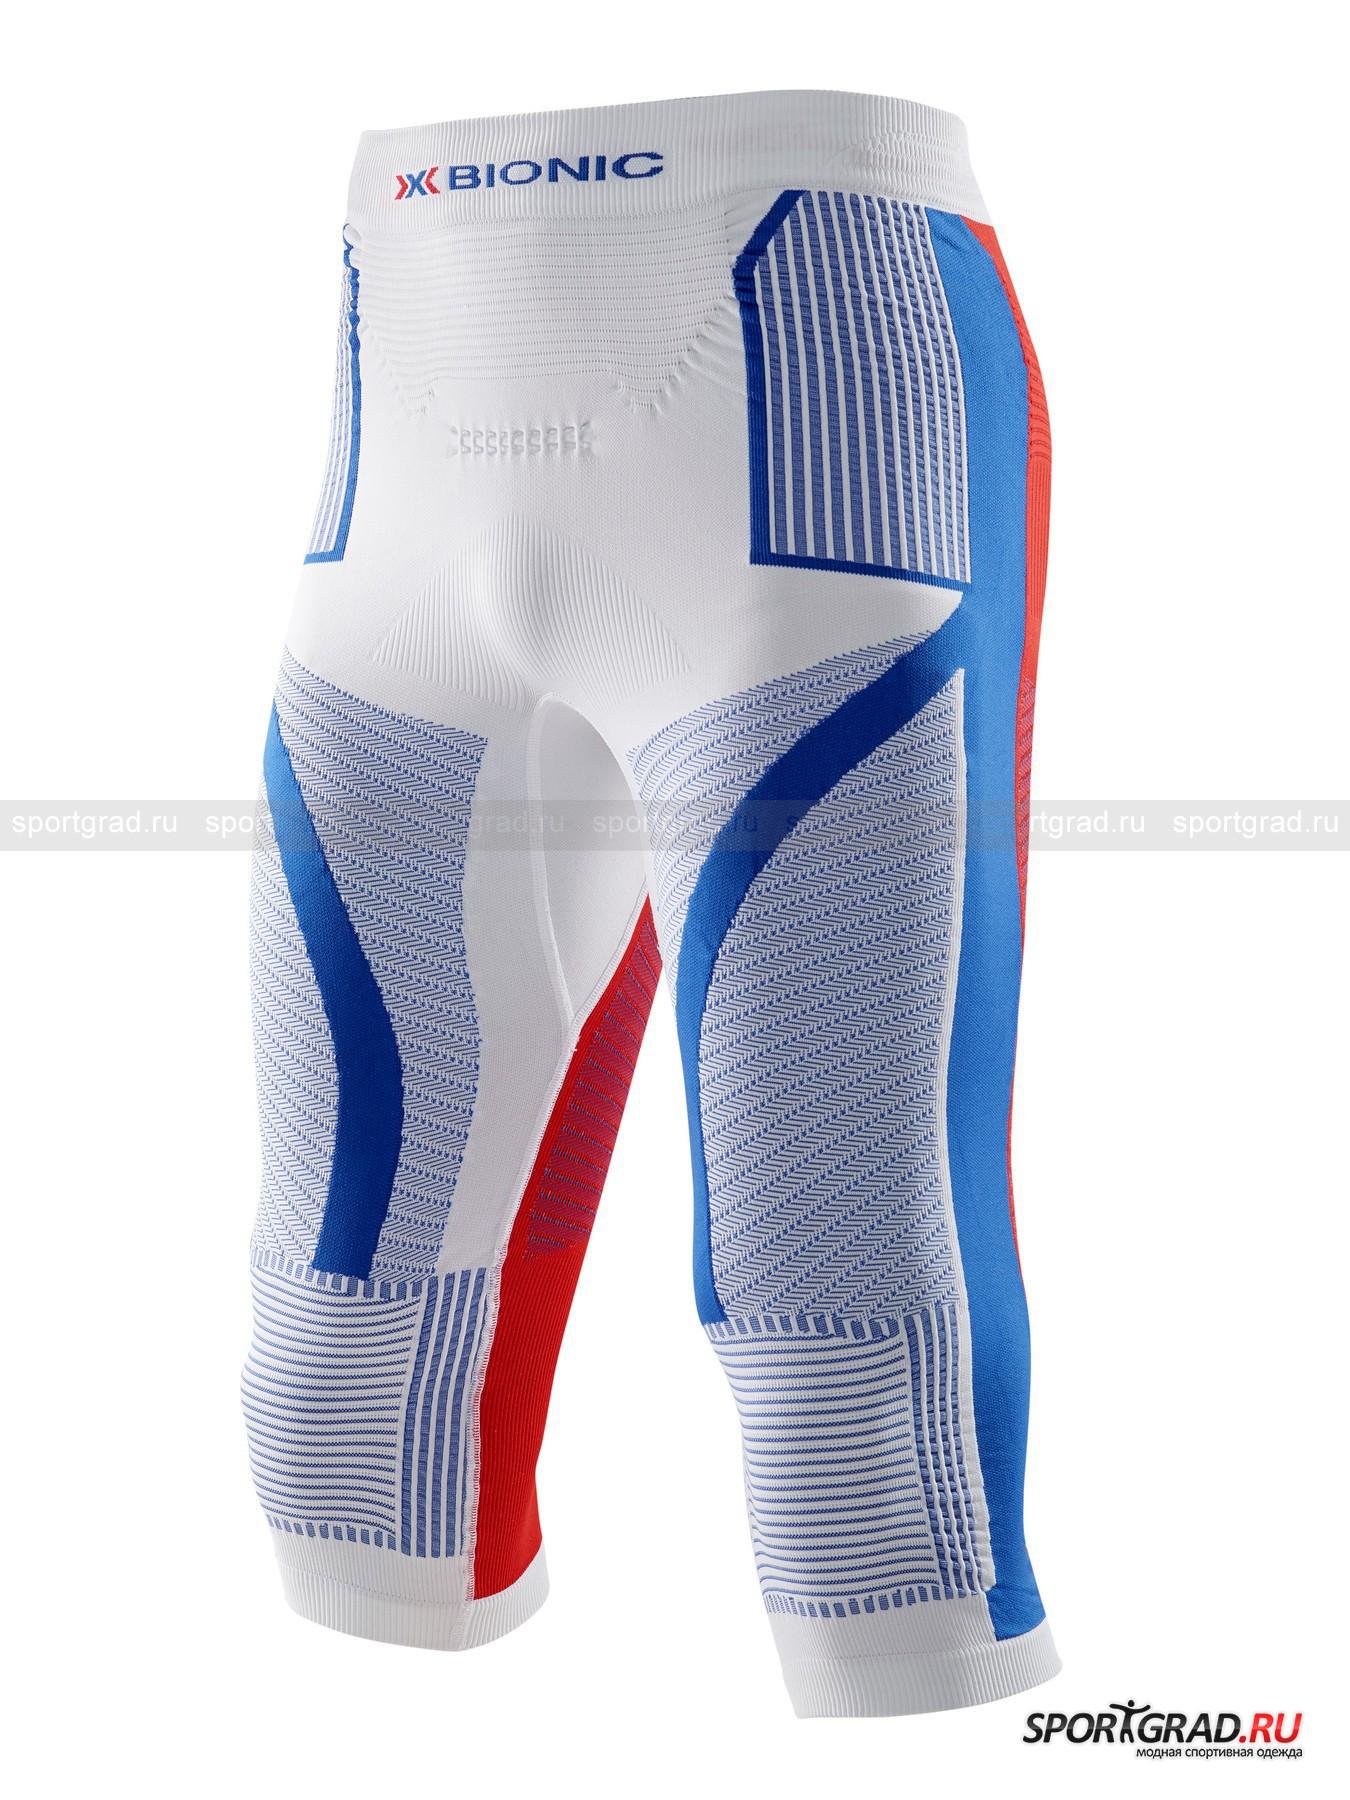 Белье: термобриджи мужские Patriot Acc_Evo pants med X-BIONIC для занятий спортом